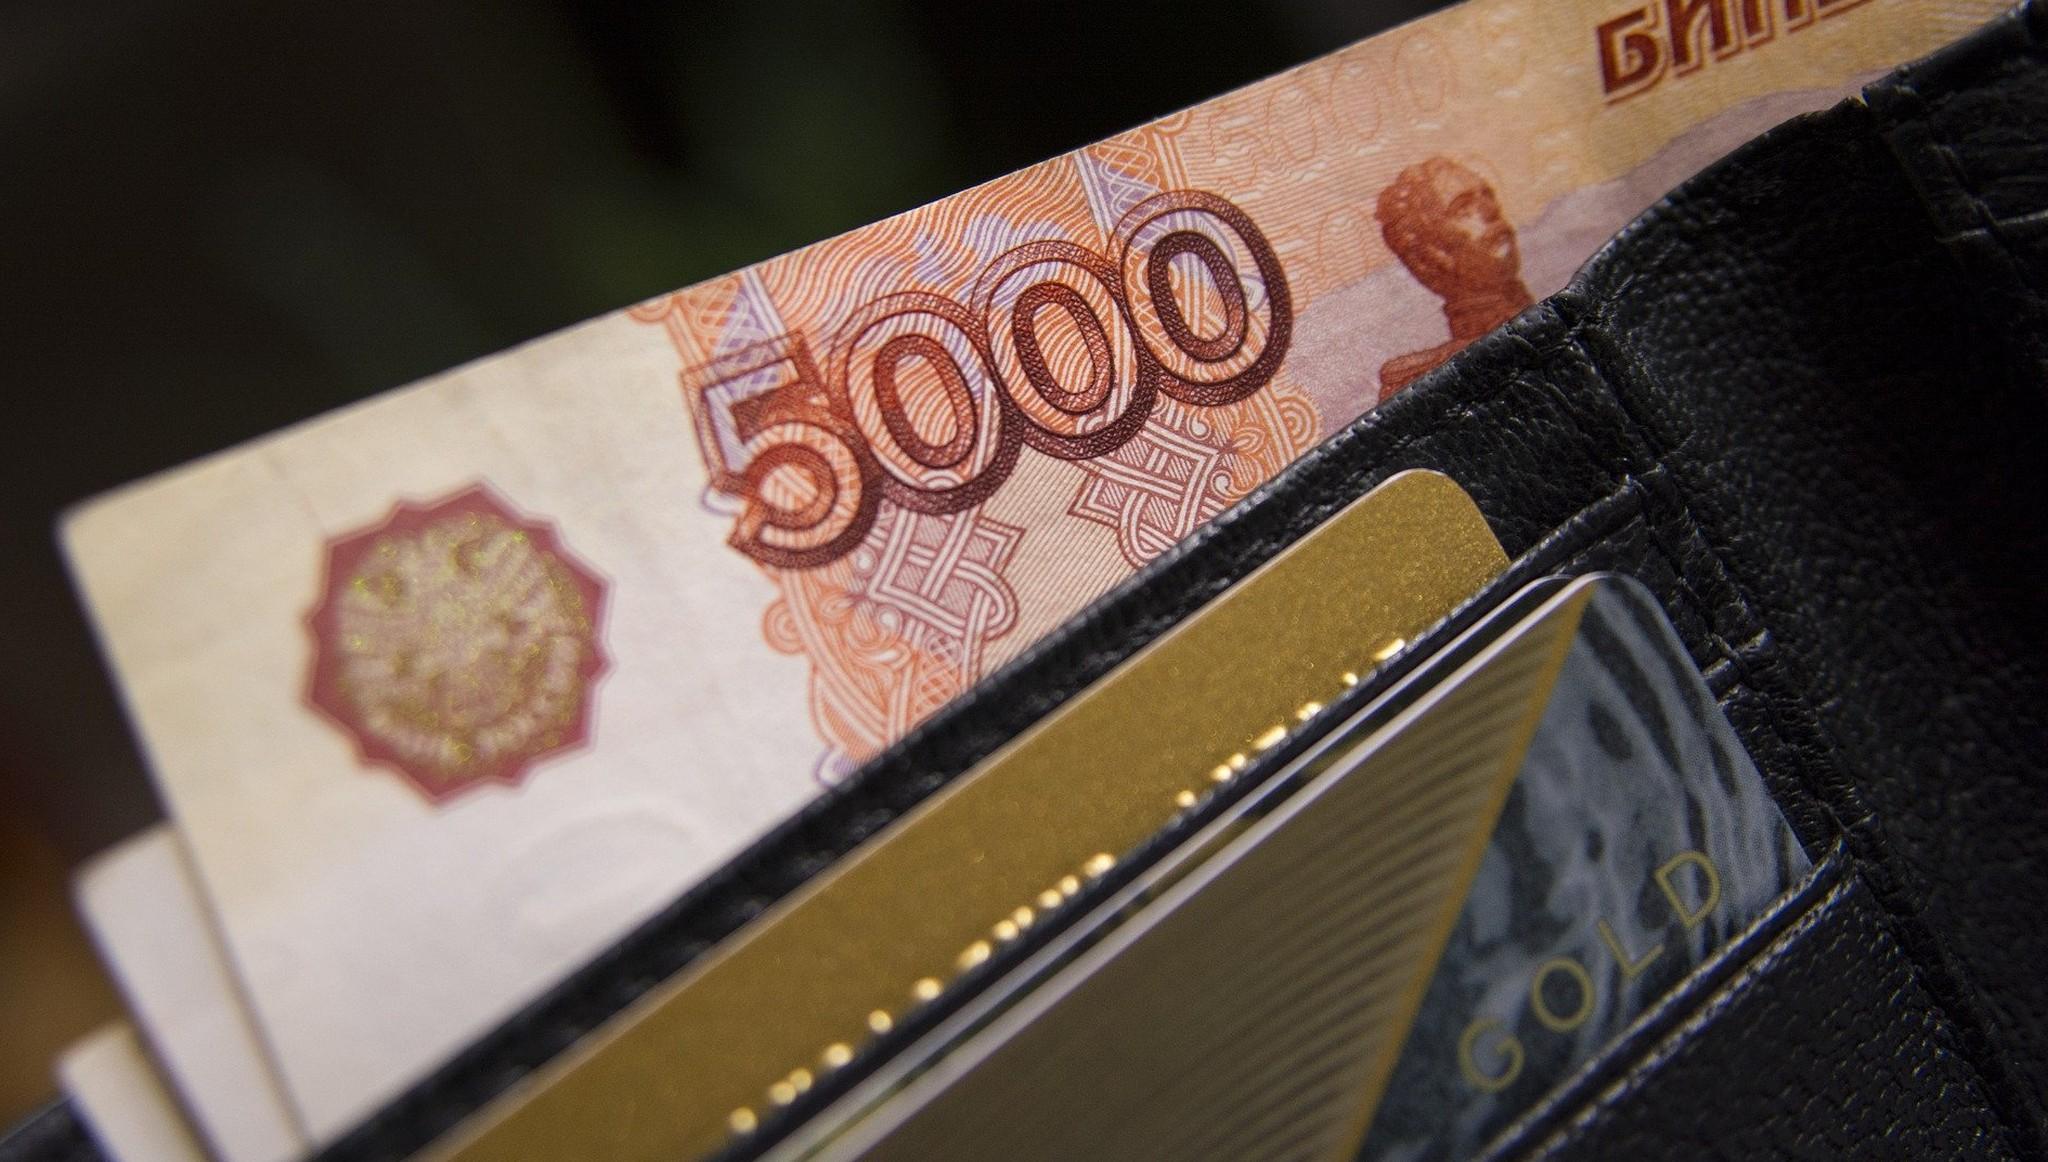 Двое жителей Твери расплачивались в магазинах поддельными 5-тысячными купюрами - новости Афанасий